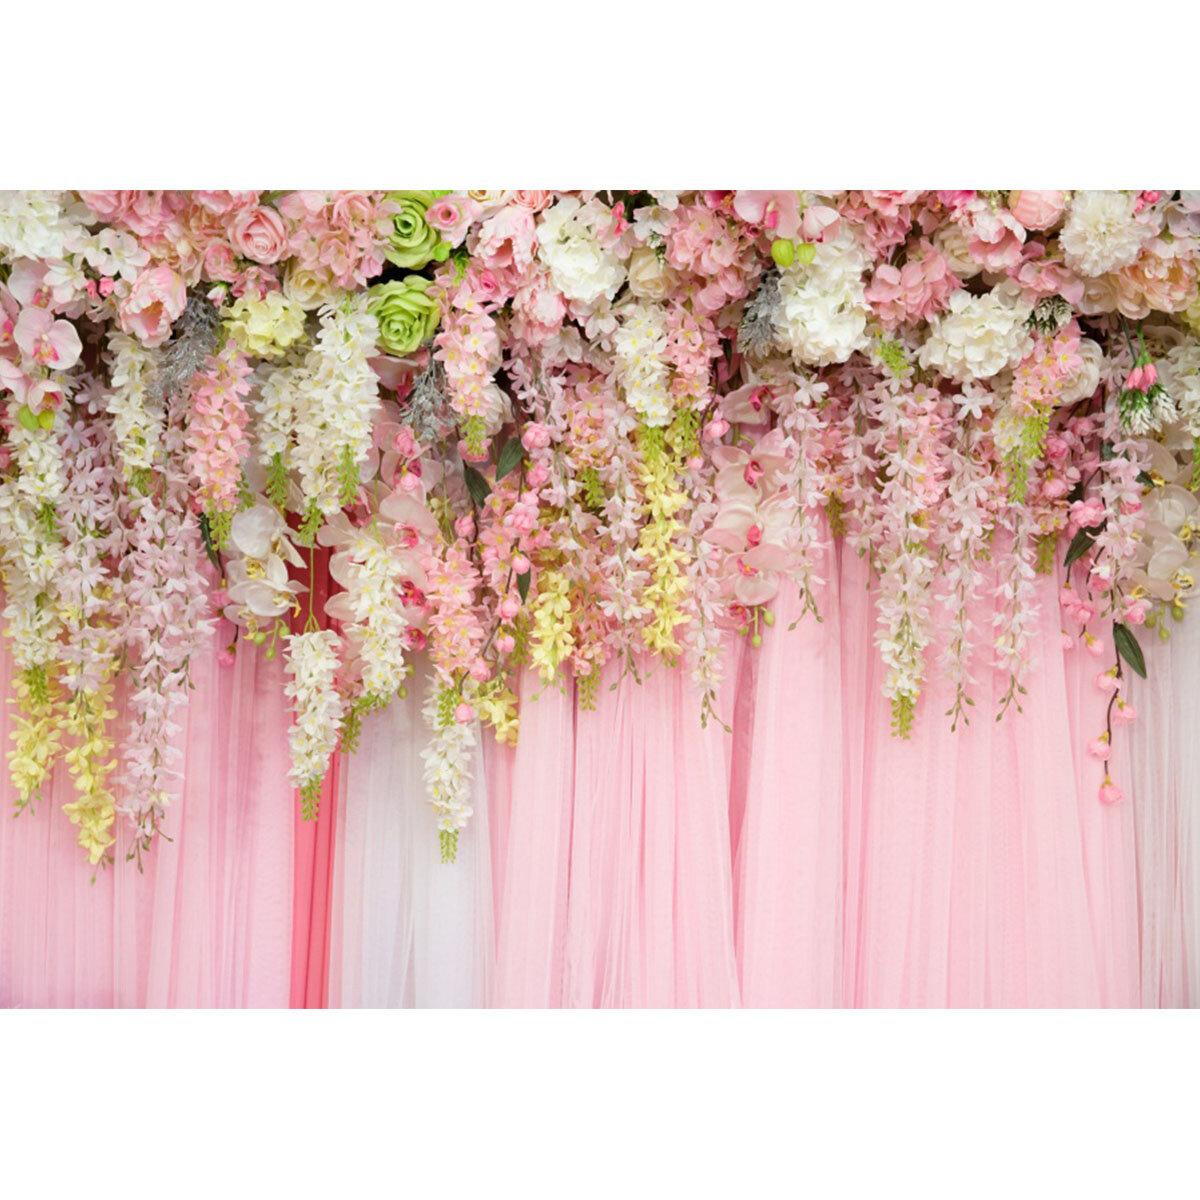 210x150cm 150x90cm Розовый Цветок Свадебное Партия Блестящий фон фотографии Ткань Фонов Фото реквизит